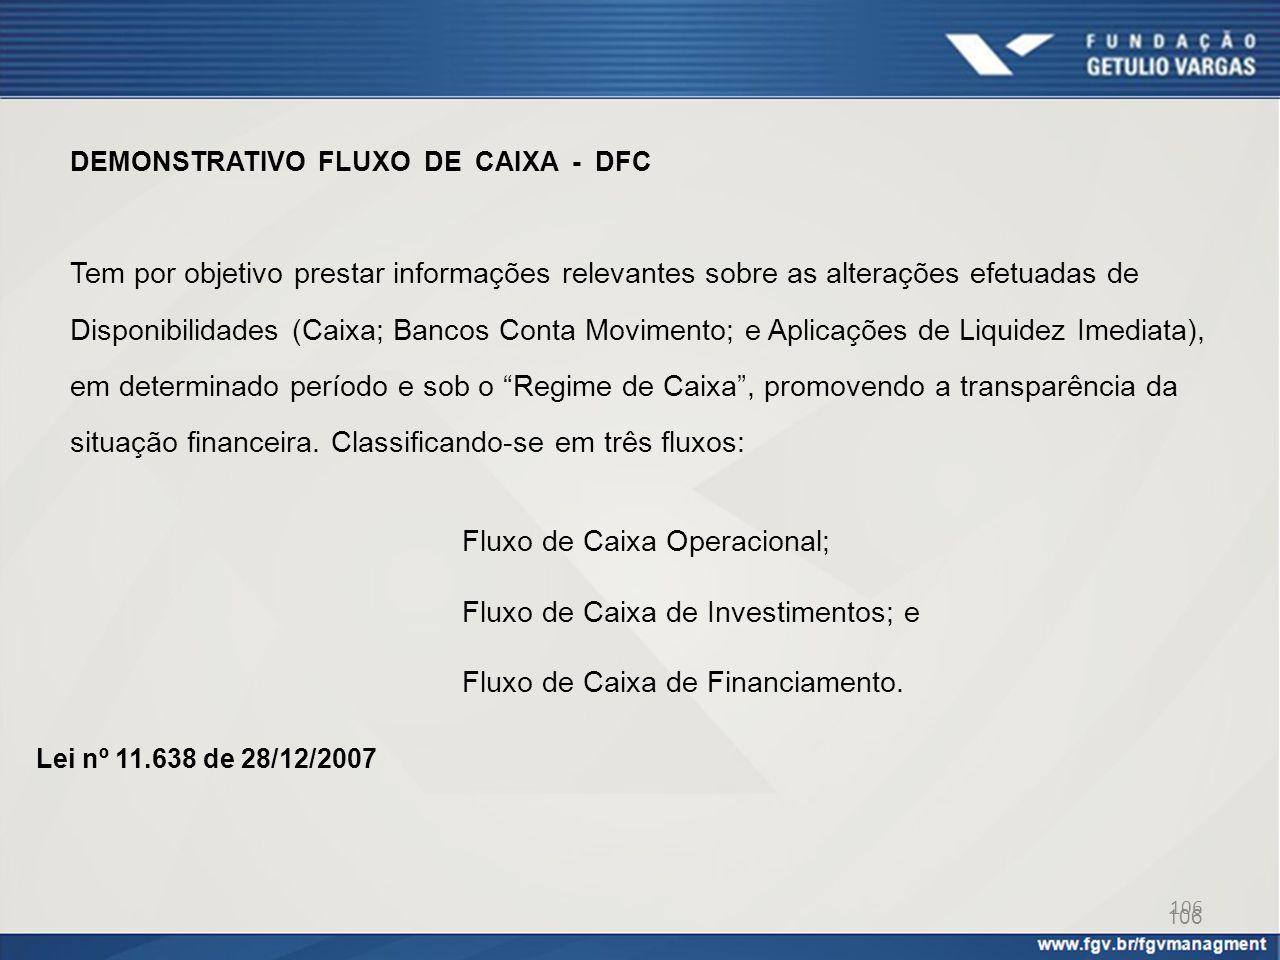 106 DEMONSTRATIVO FLUXO DE CAIXA - DFC Tem por objetivo prestar informações relevantes sobre as alterações efetuadas de Disponibilidades (Caixa; Banco